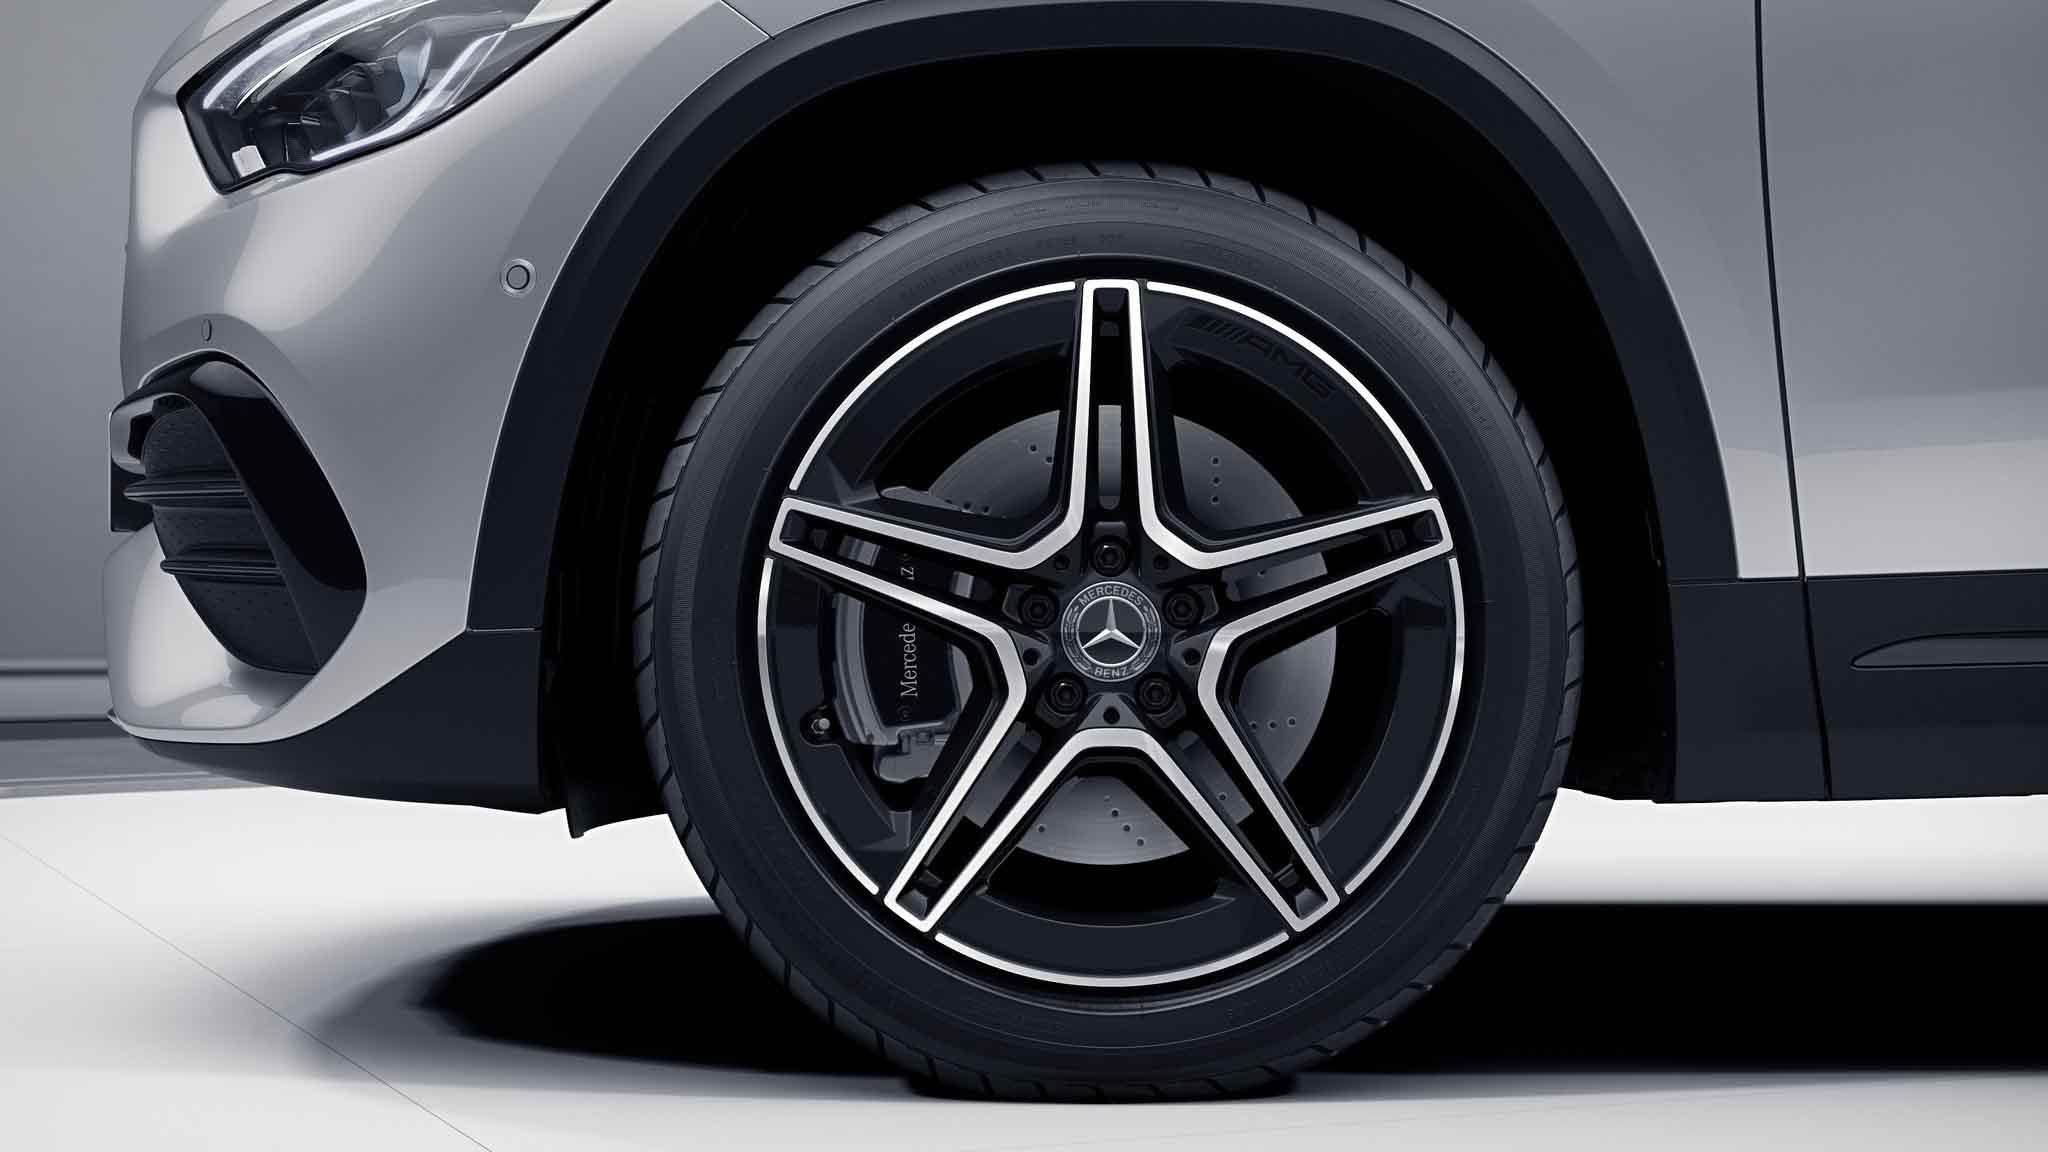 Jantes AMG 19 à doubles branches de la Mercedes-Benz GLA